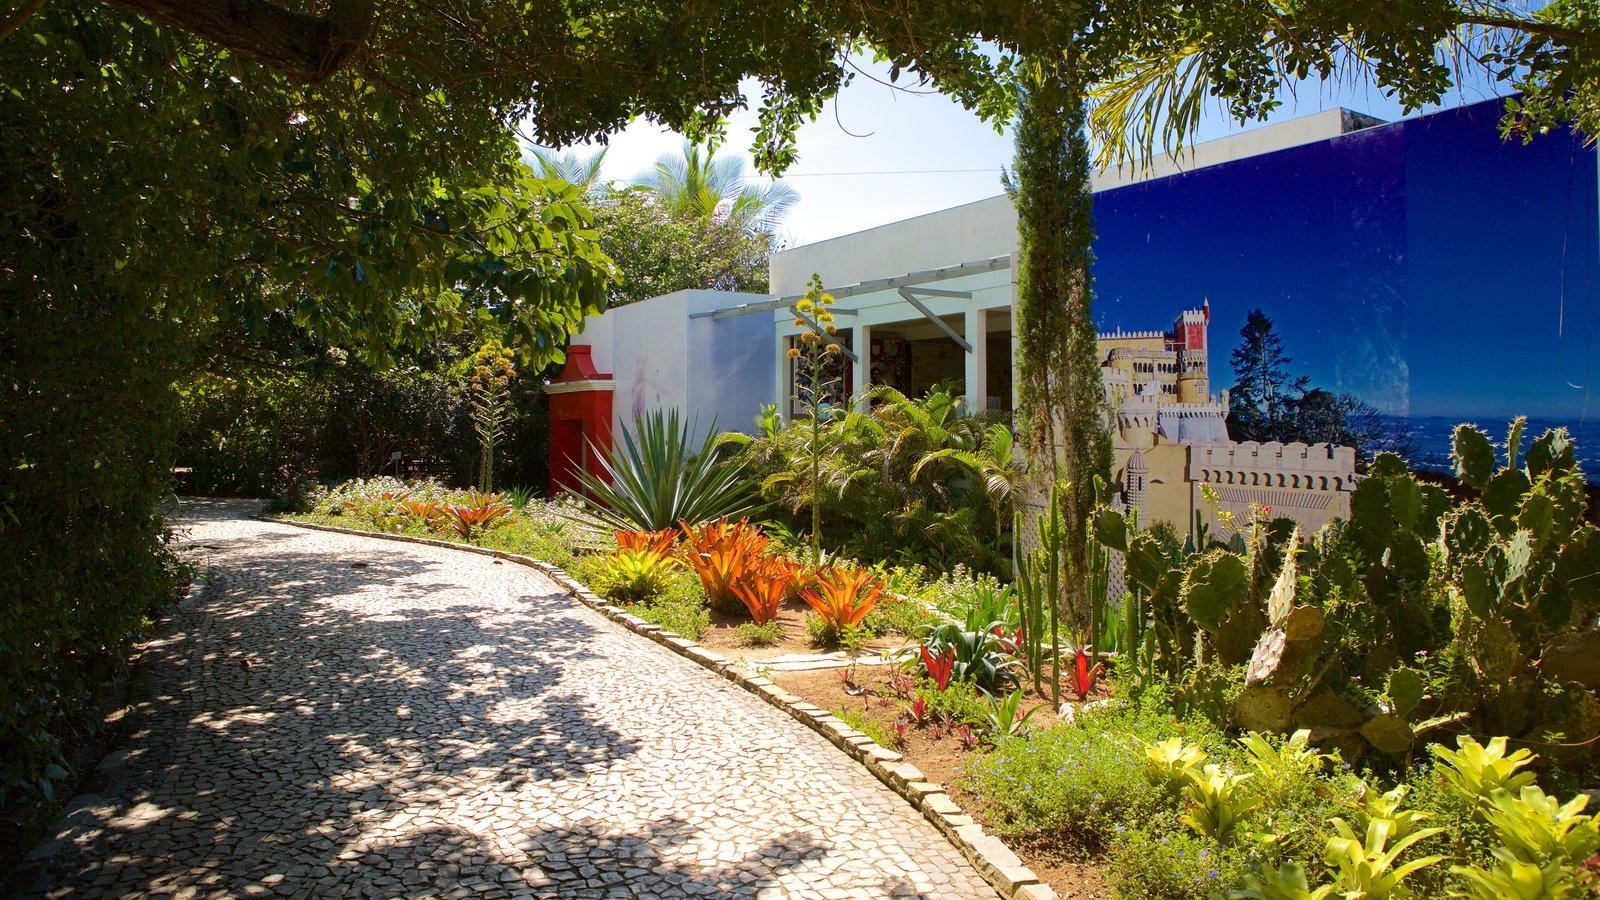 Memorial do Descobrimento do Brasil mostrando um parque e uma casa